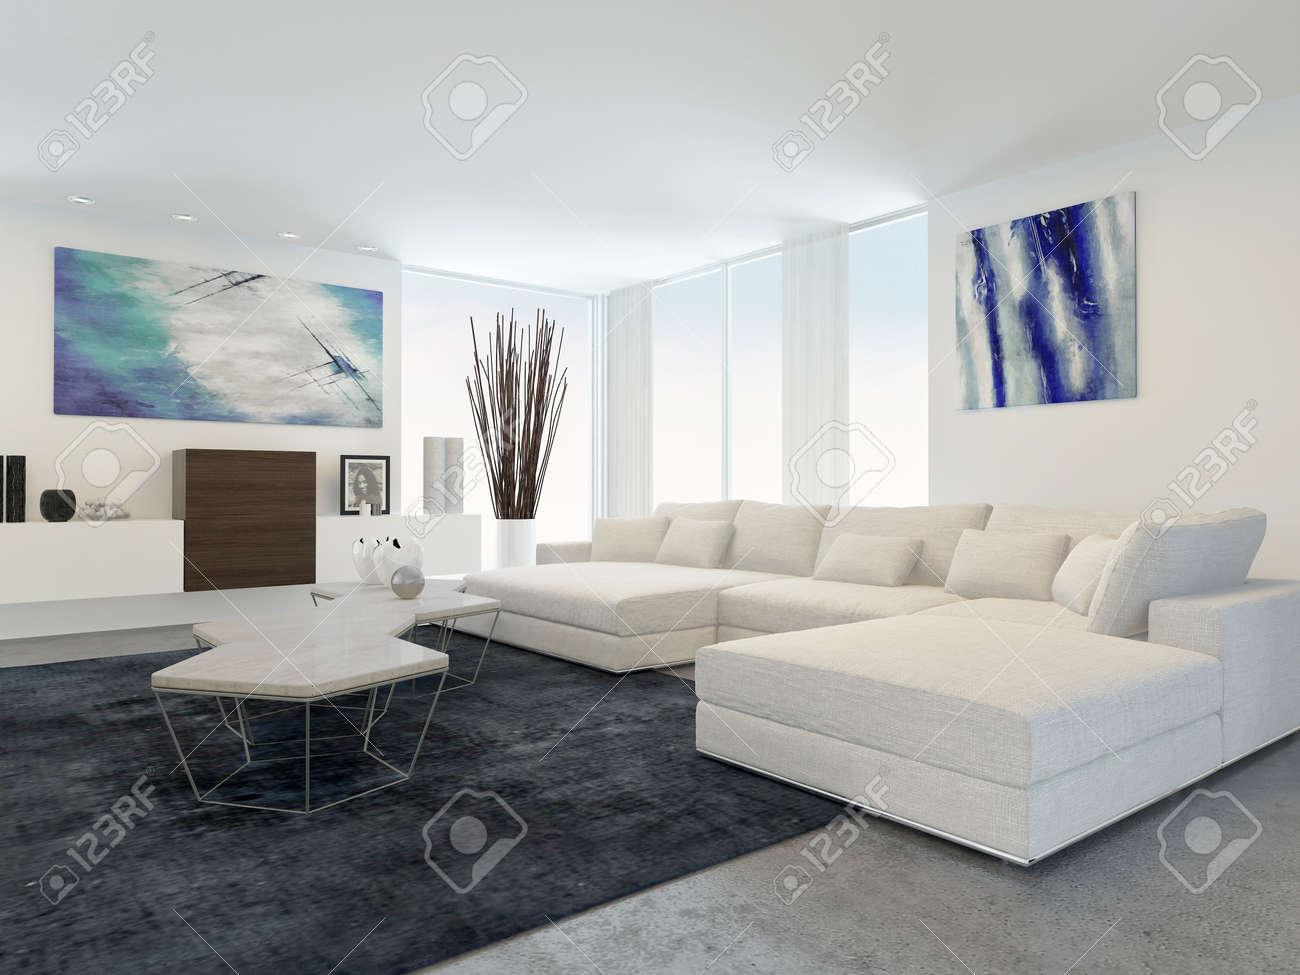 Interieur van de moderne woonkamer met witte meubels royalty vrije ...